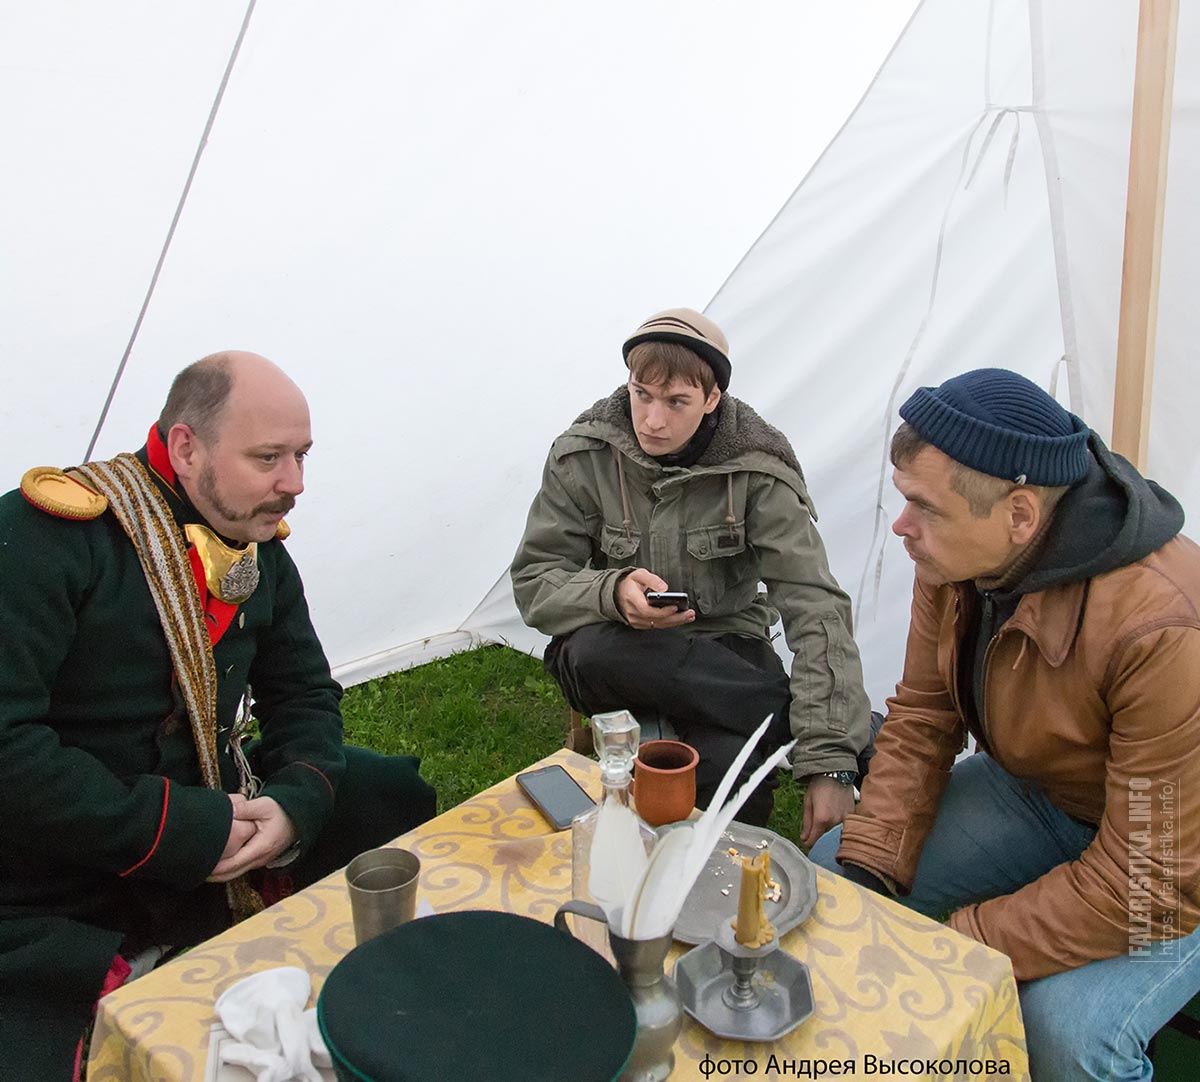 Илья Ульянов, Михаил Тренихин, Алексей Сидельников (фото А. Высоколова)